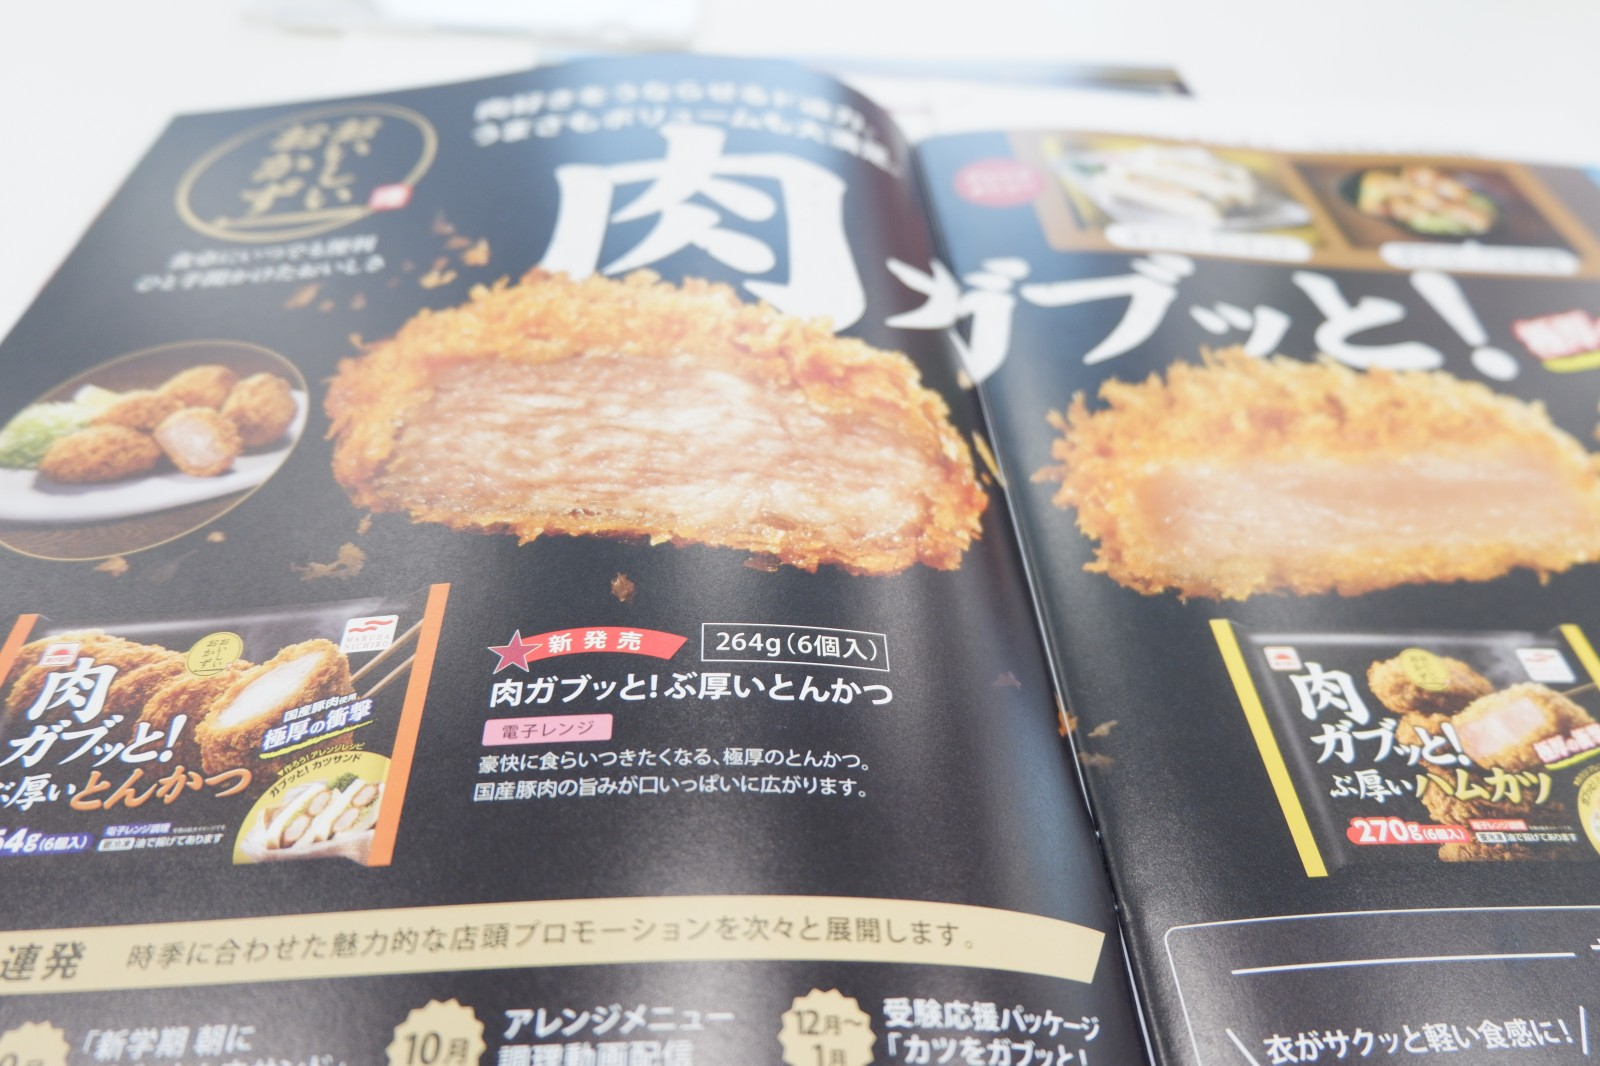 「肉ガブッと!ぶ厚いとんかつ」という名前です。秋の新商品発表会、マルハニチロからスタート